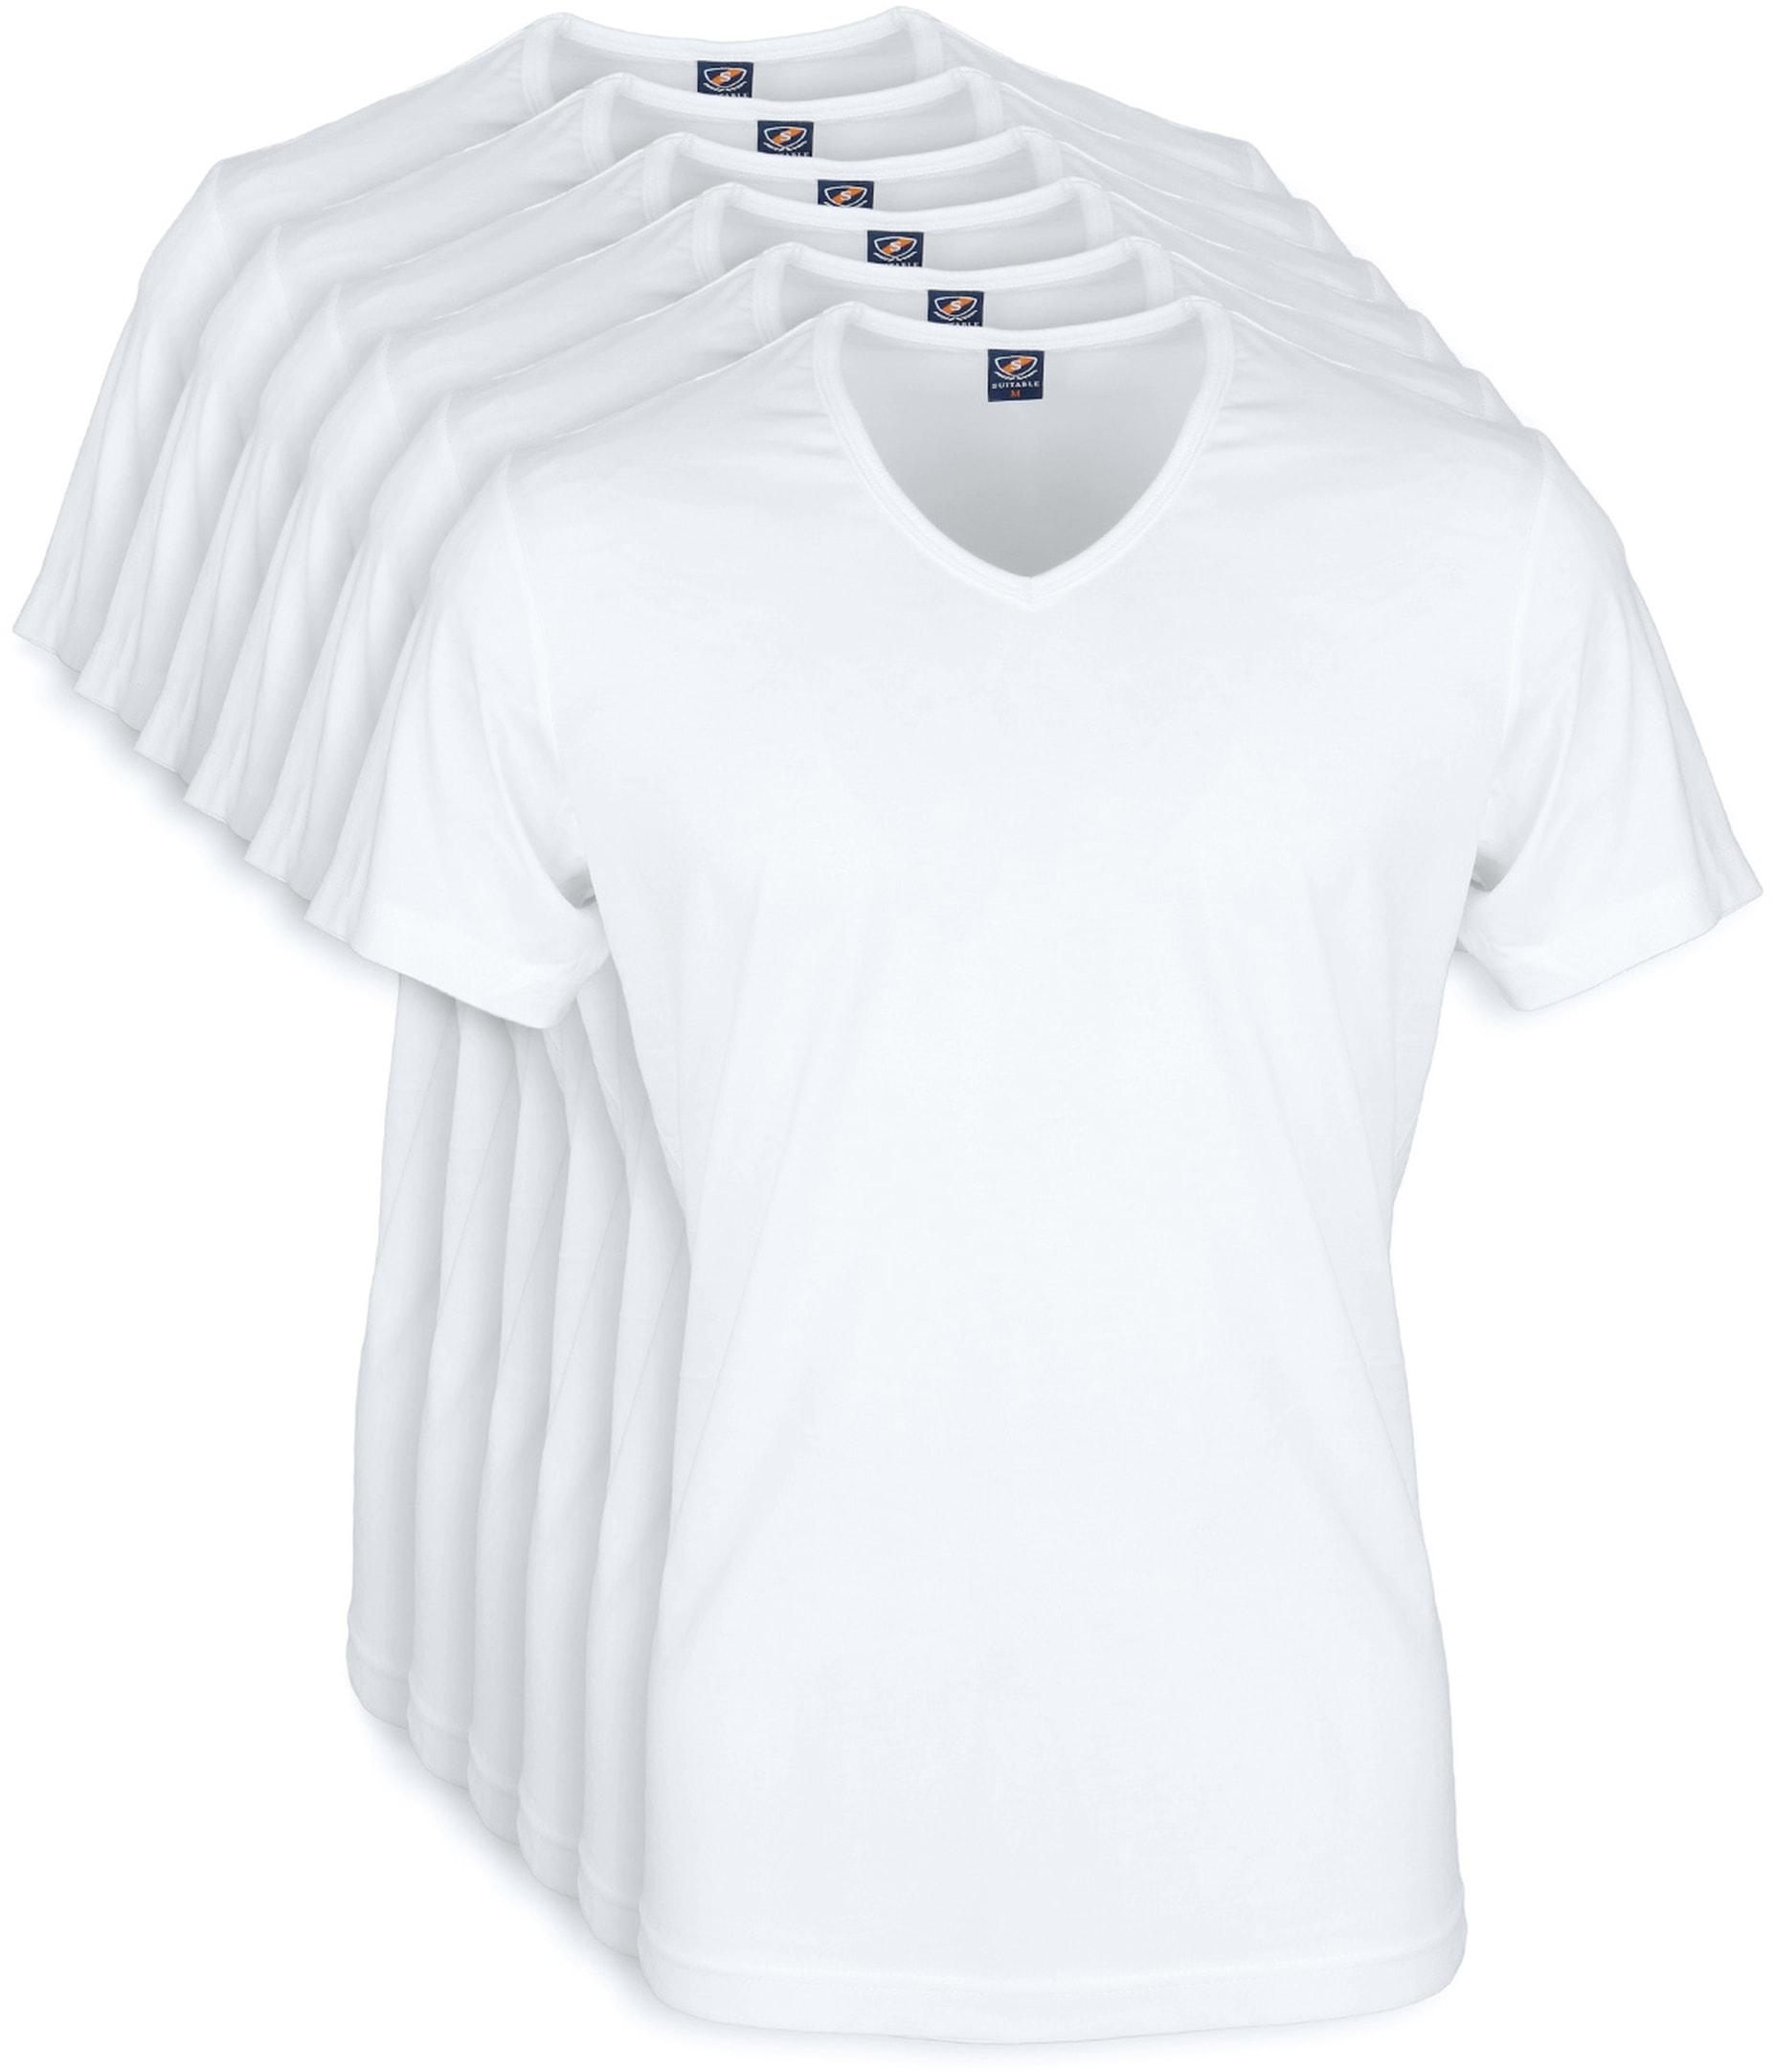 T-Shirt V-Ausschnitt 6-Pack (6 Stück) Weiß foto 0